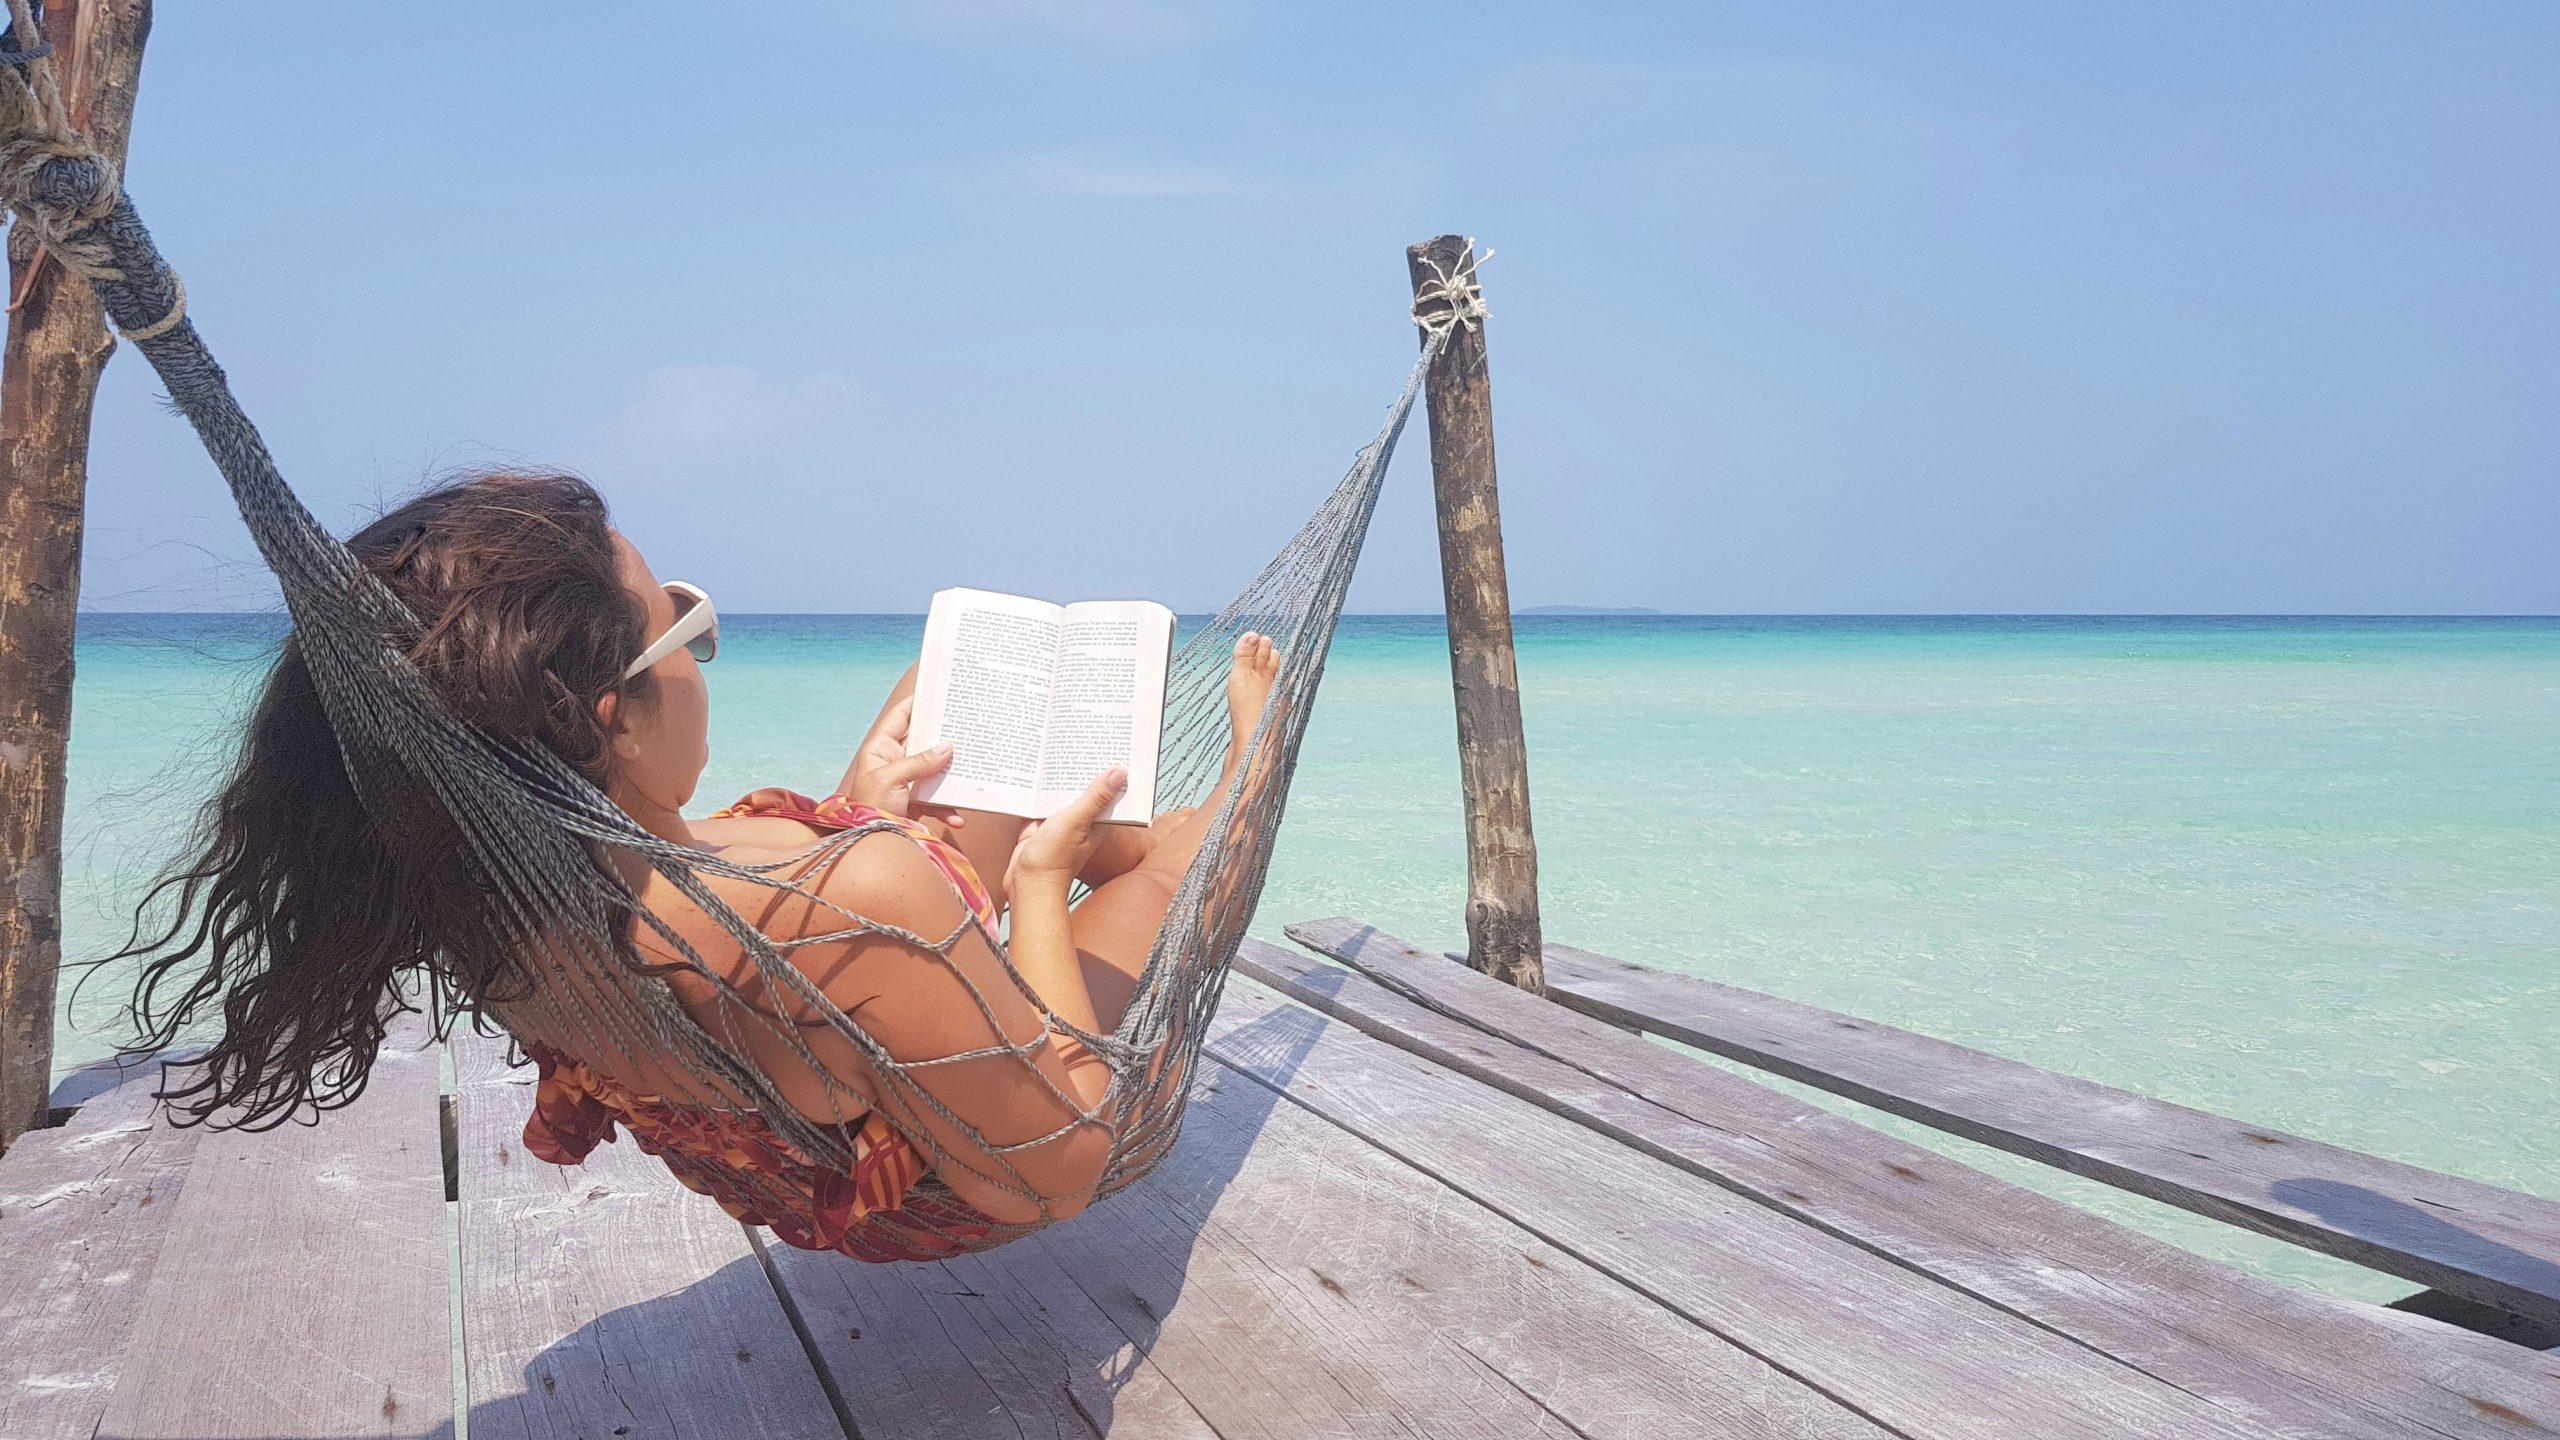 Playa para disfrutar. Foto: Gentileza Señorita Méndez.